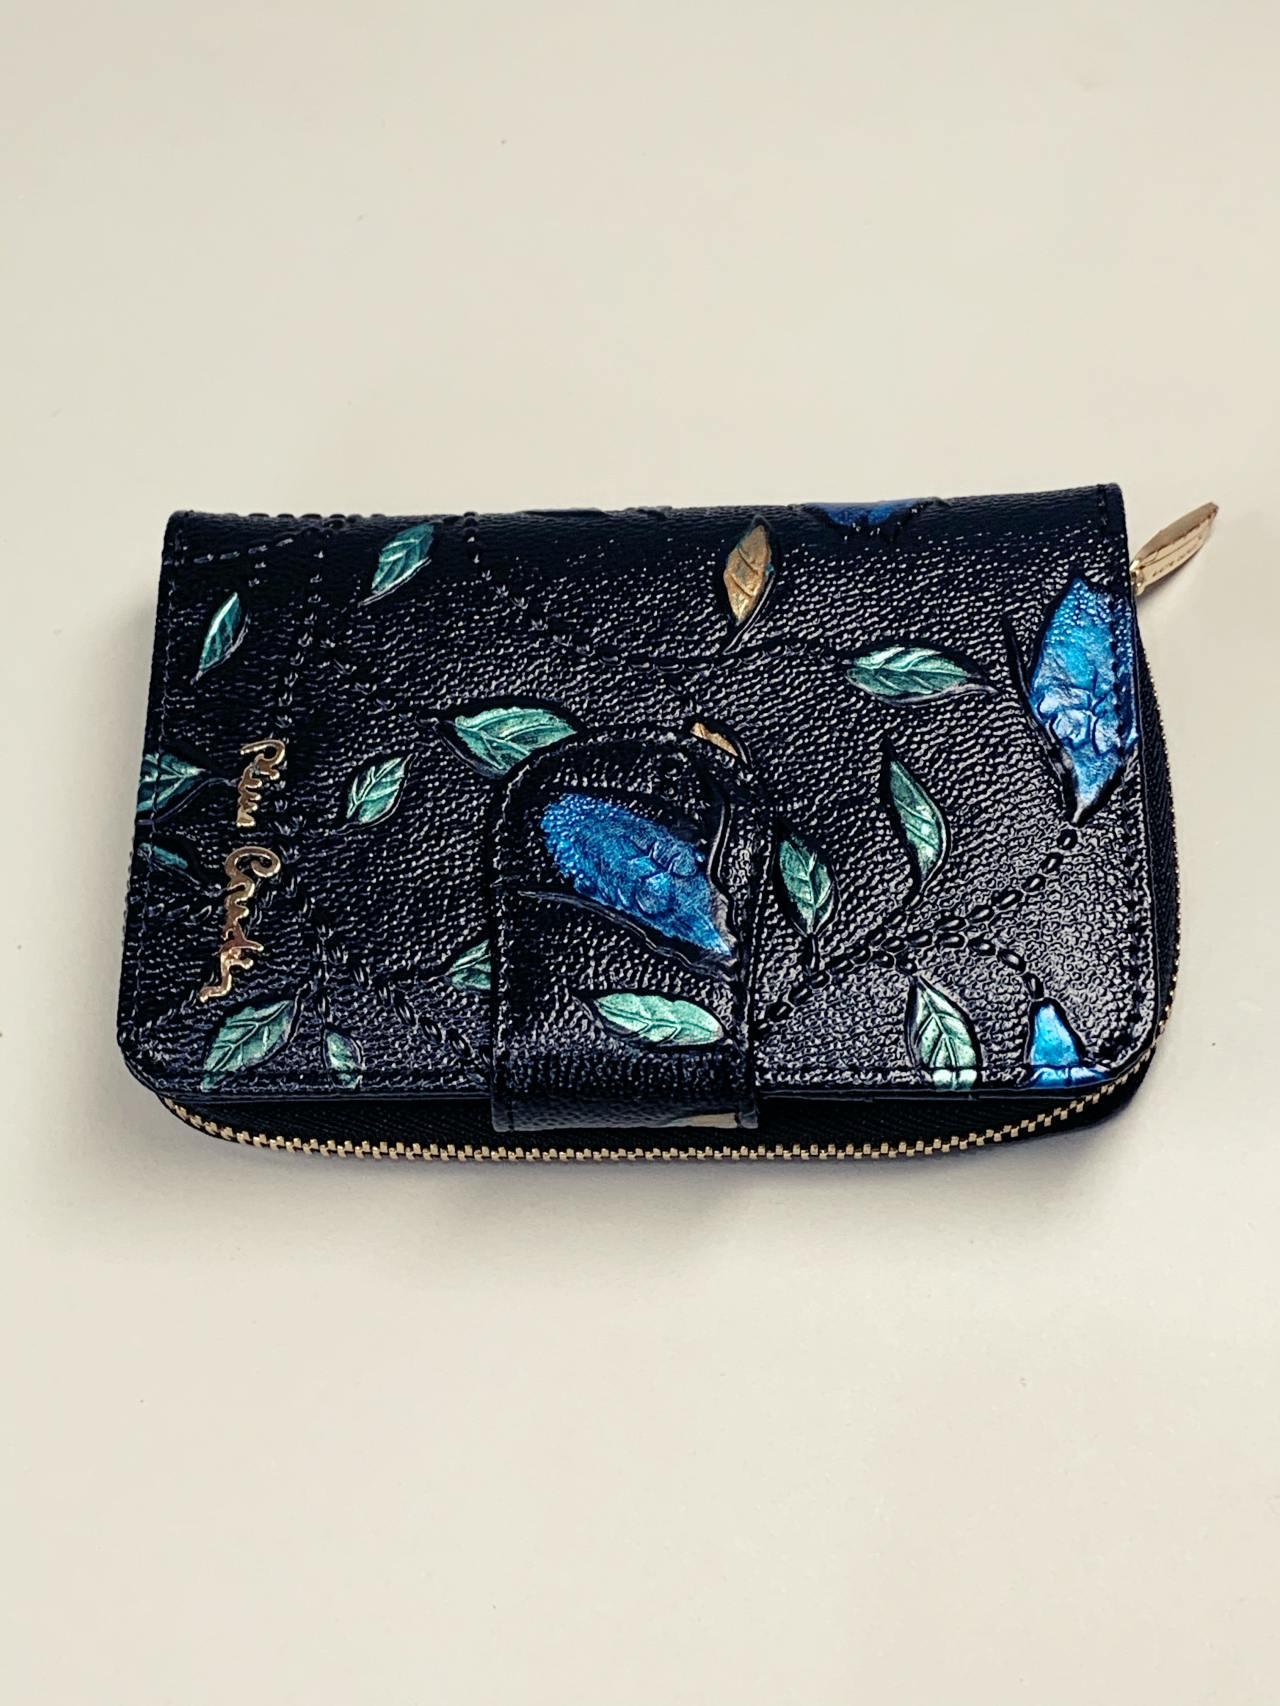 Kožená peněženka Pierre Cardin S černá s lístky -02